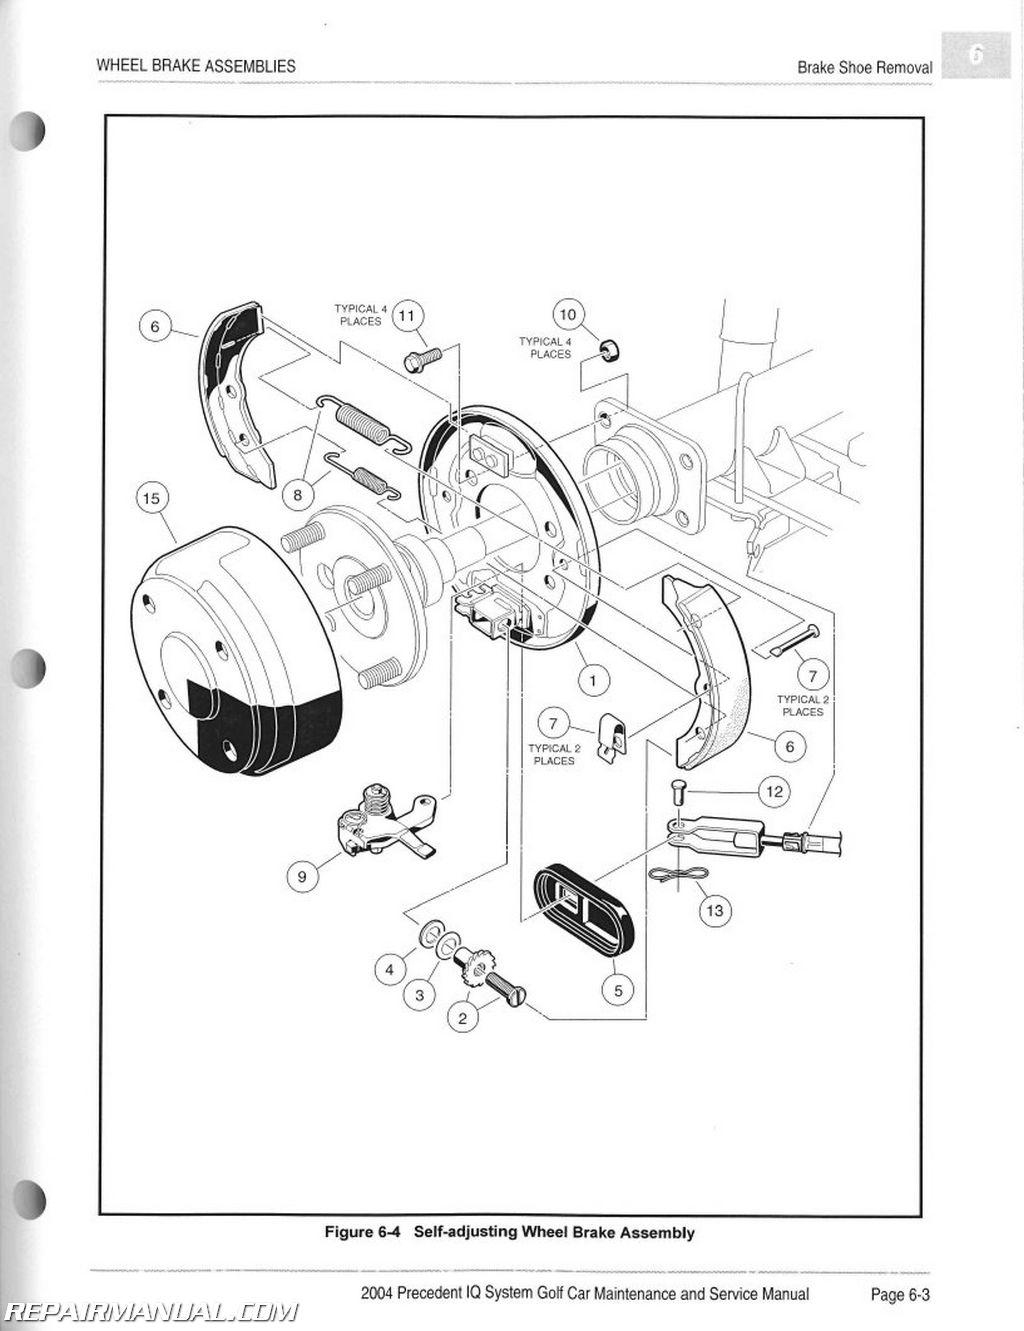 2006 Club Car Precedent Electric Golf Cart Wiring Diagram - Wiring ...